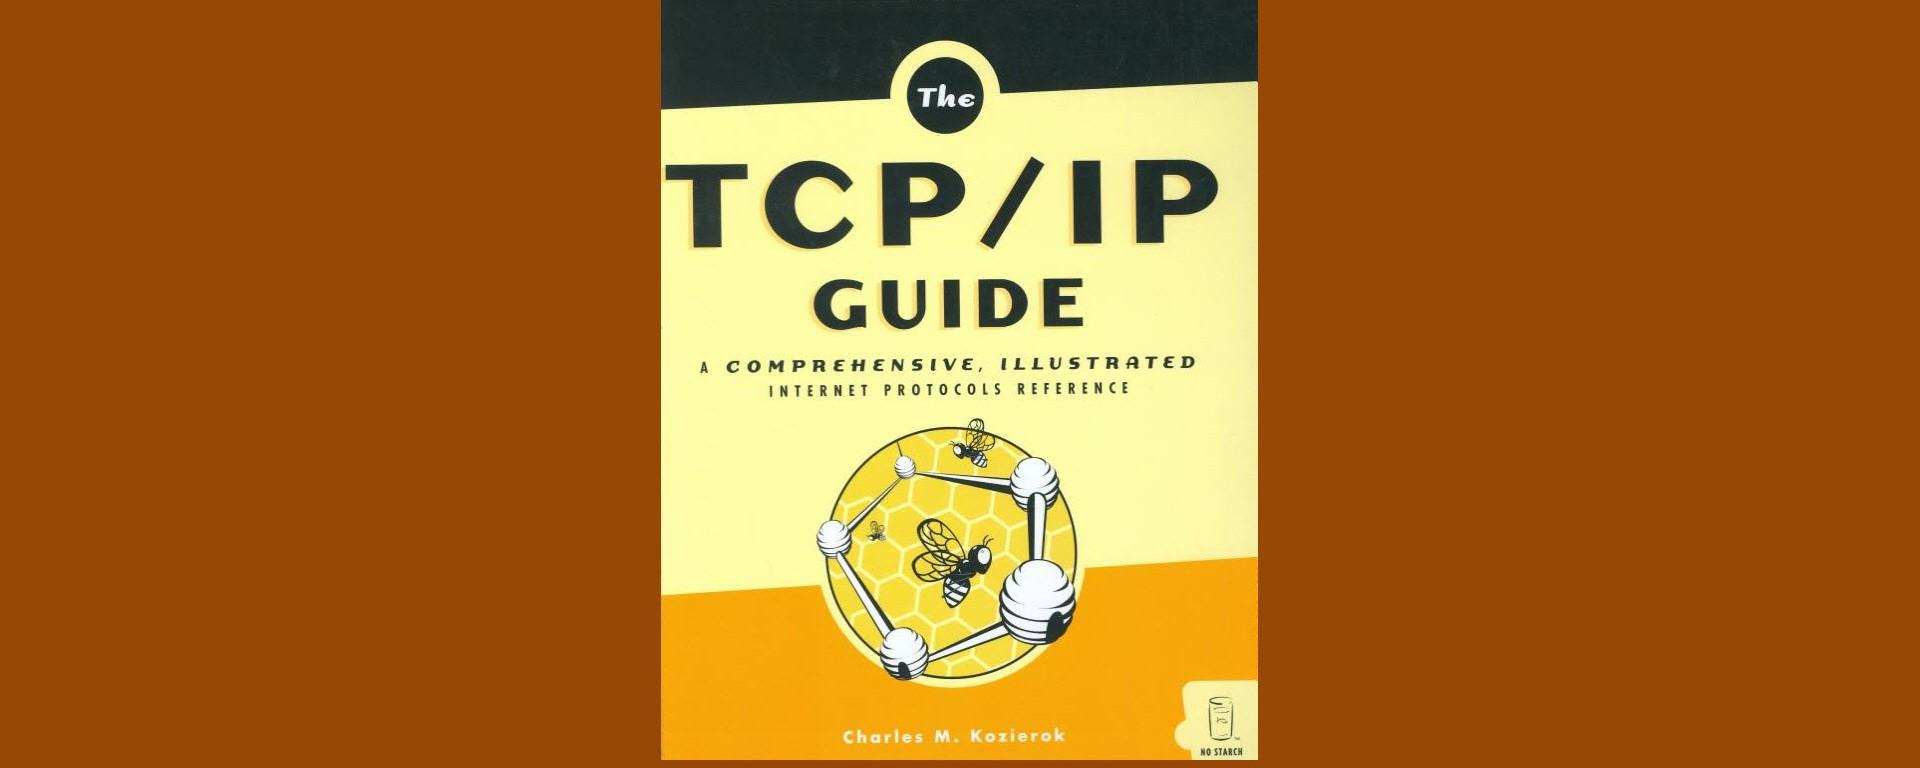 The TCP IP Guide, un estupendo ebook sobre redes gratuito